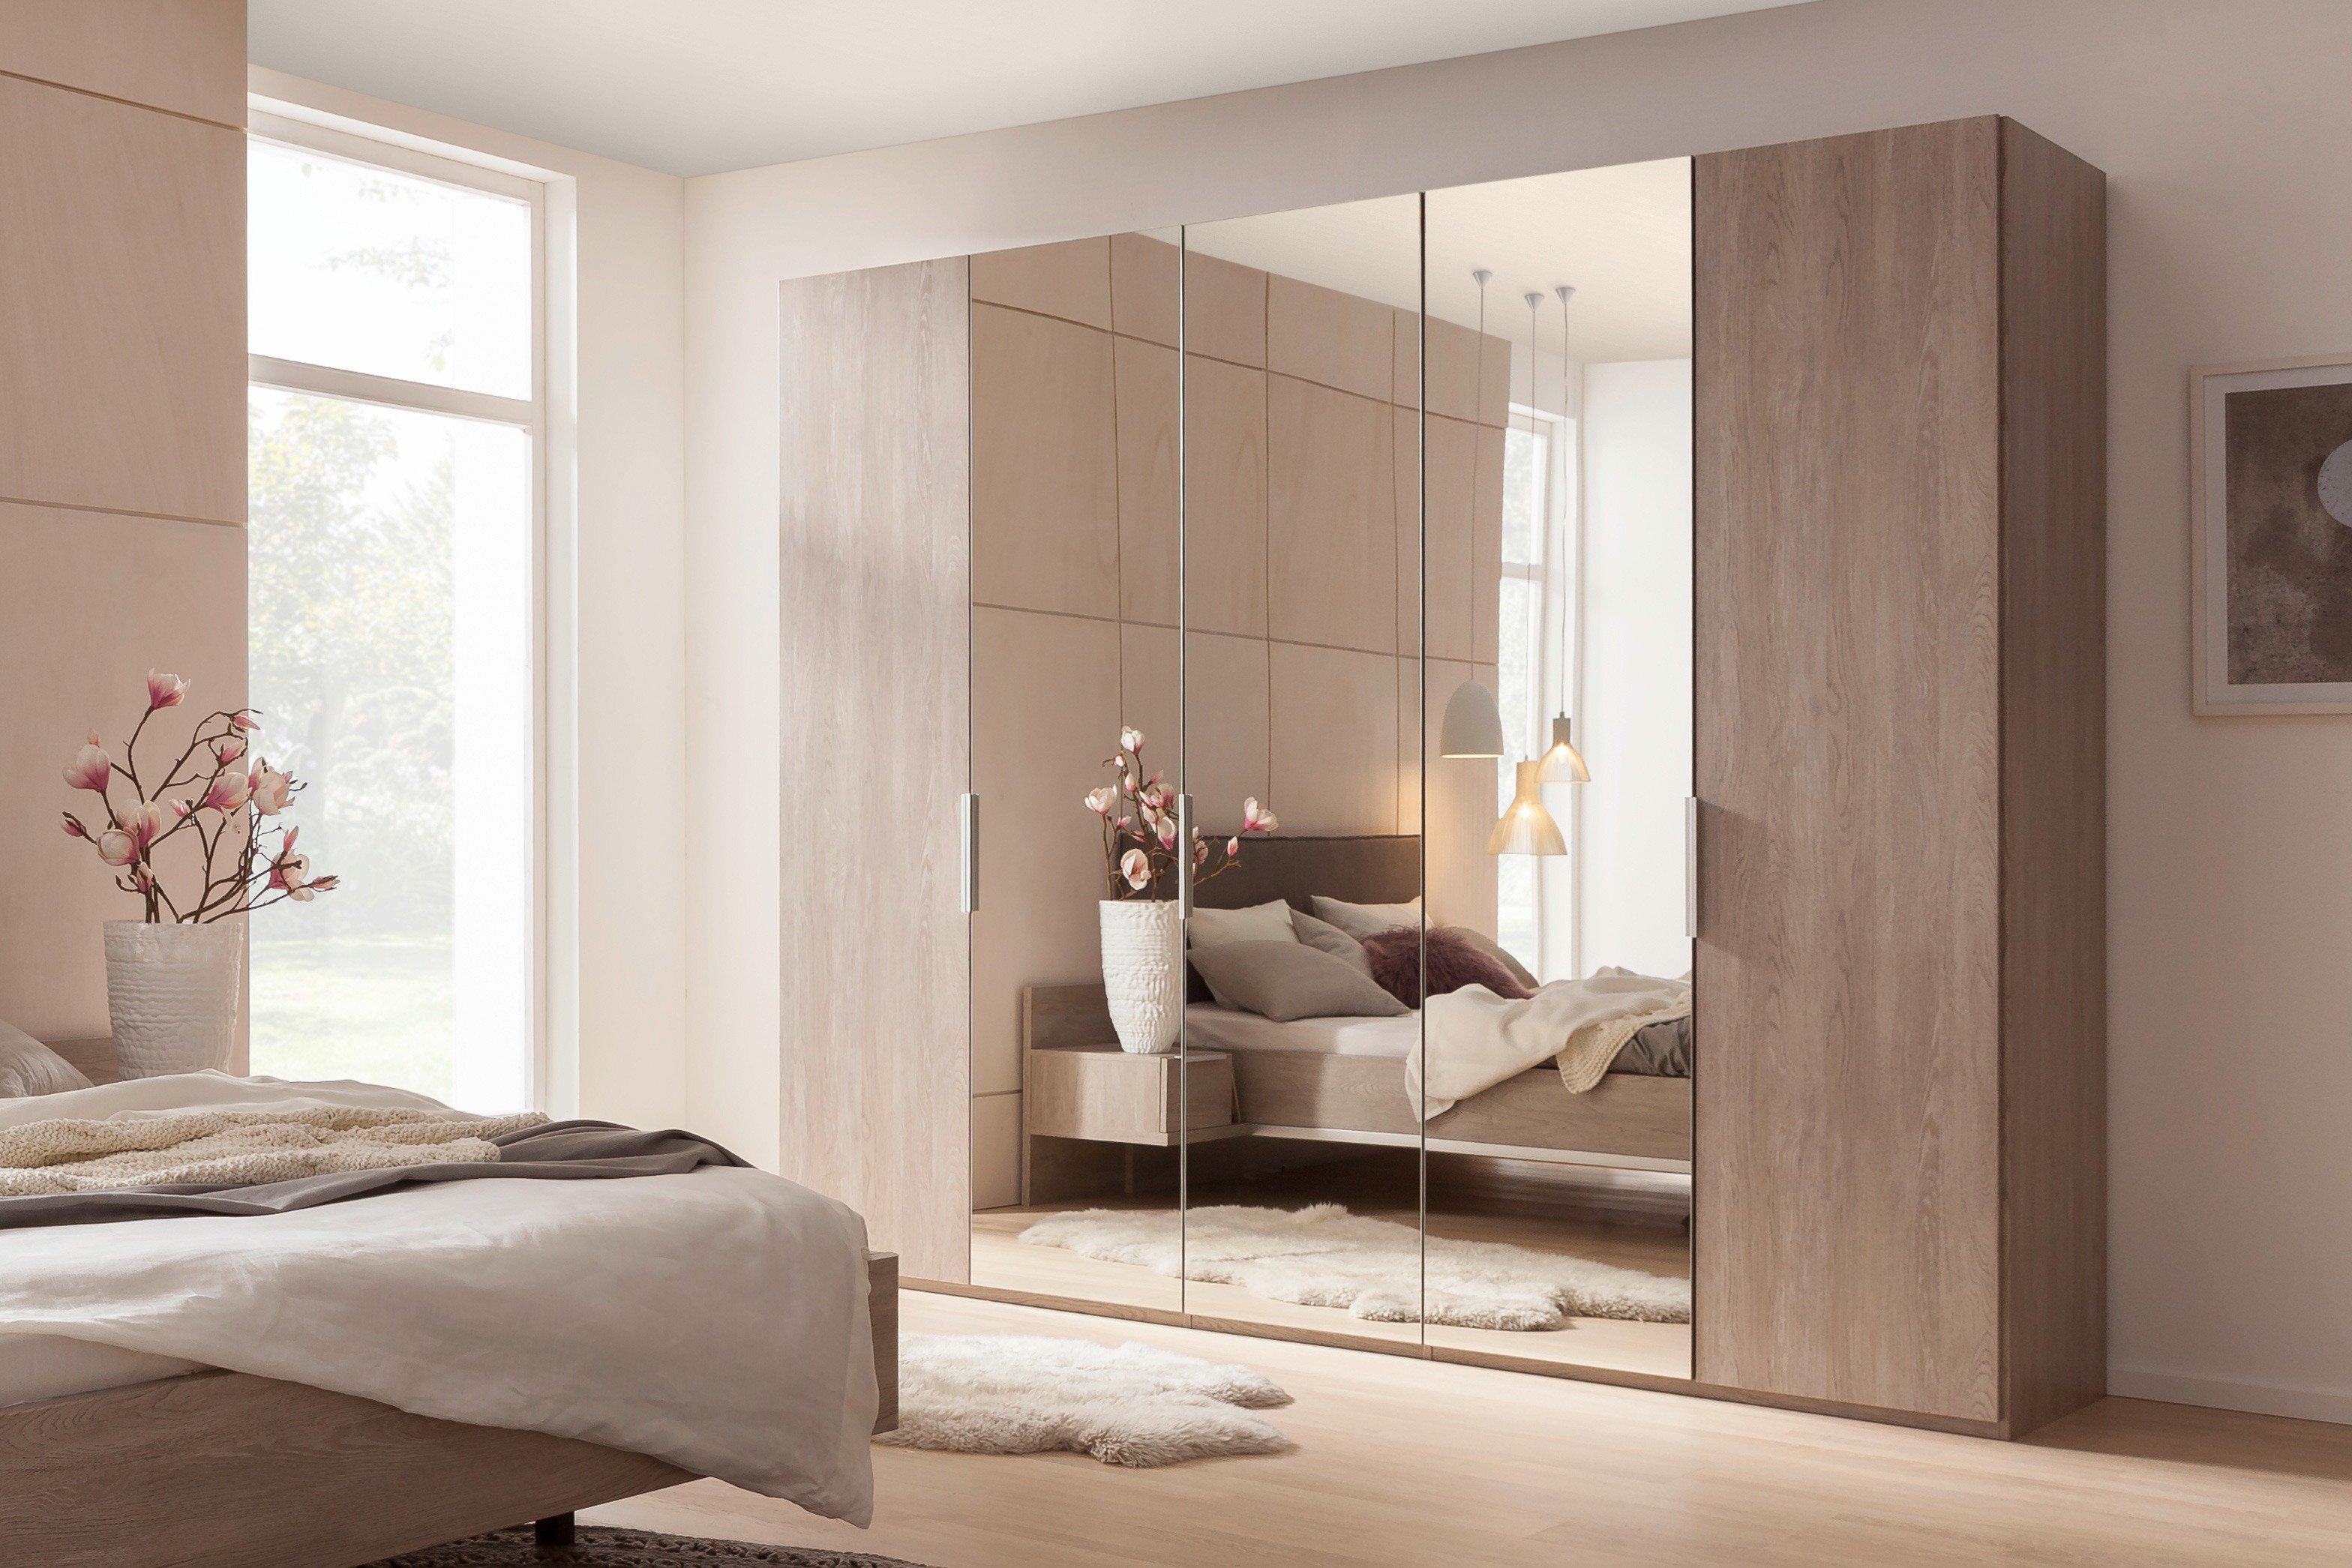 kleiderschrank bis 200 euro. Black Bedroom Furniture Sets. Home Design Ideas